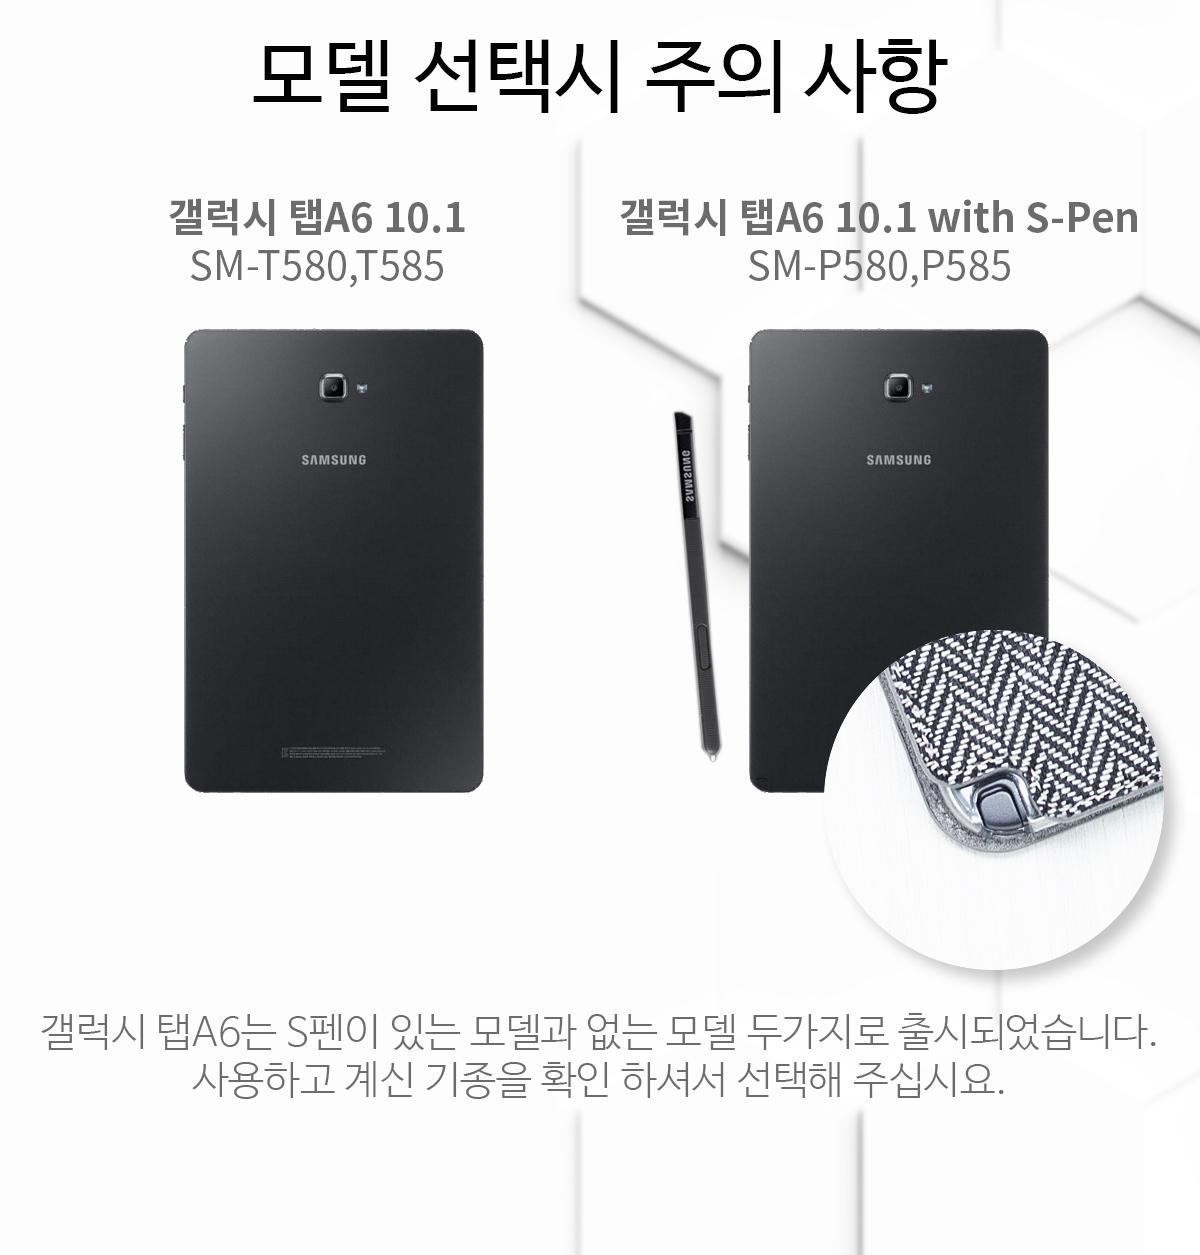 갤럭시 탭A6 10.1 2016 and with S-Pen 천연가죽 케이스 - 베토벤, 69,000원, 케이스, 기타 스마트패드